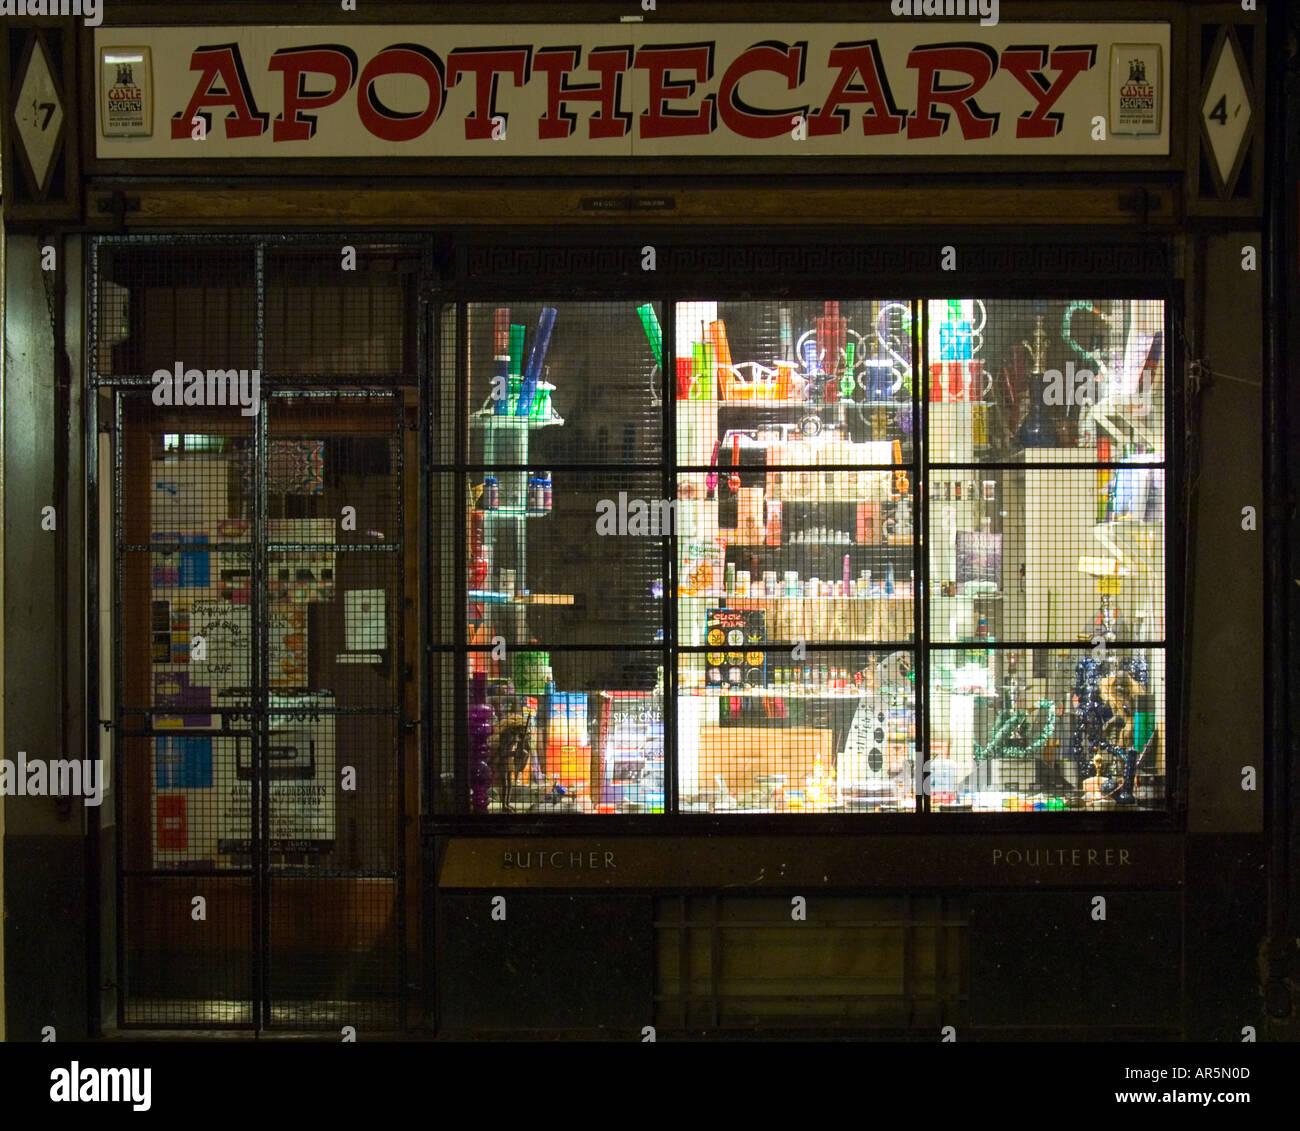 Apothecary Stock Photo